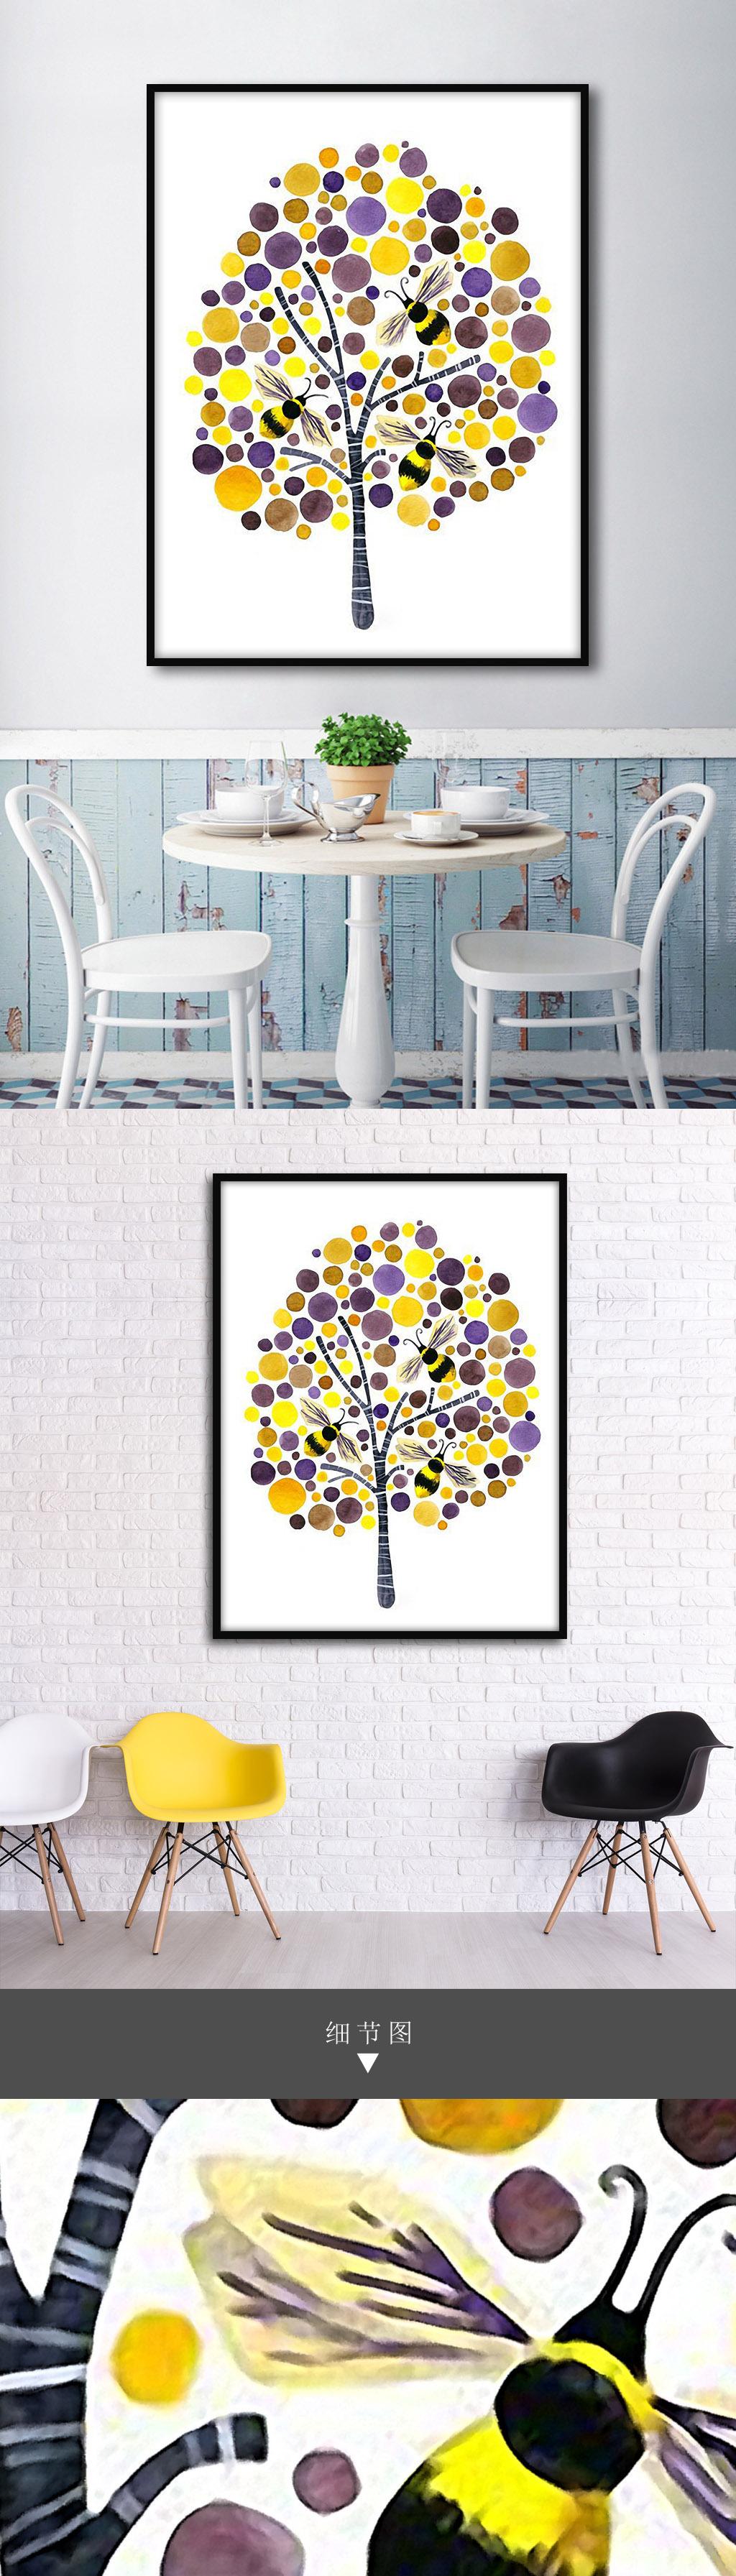 大黄蜂抽象树北欧手绘现代简约欧式装饰画